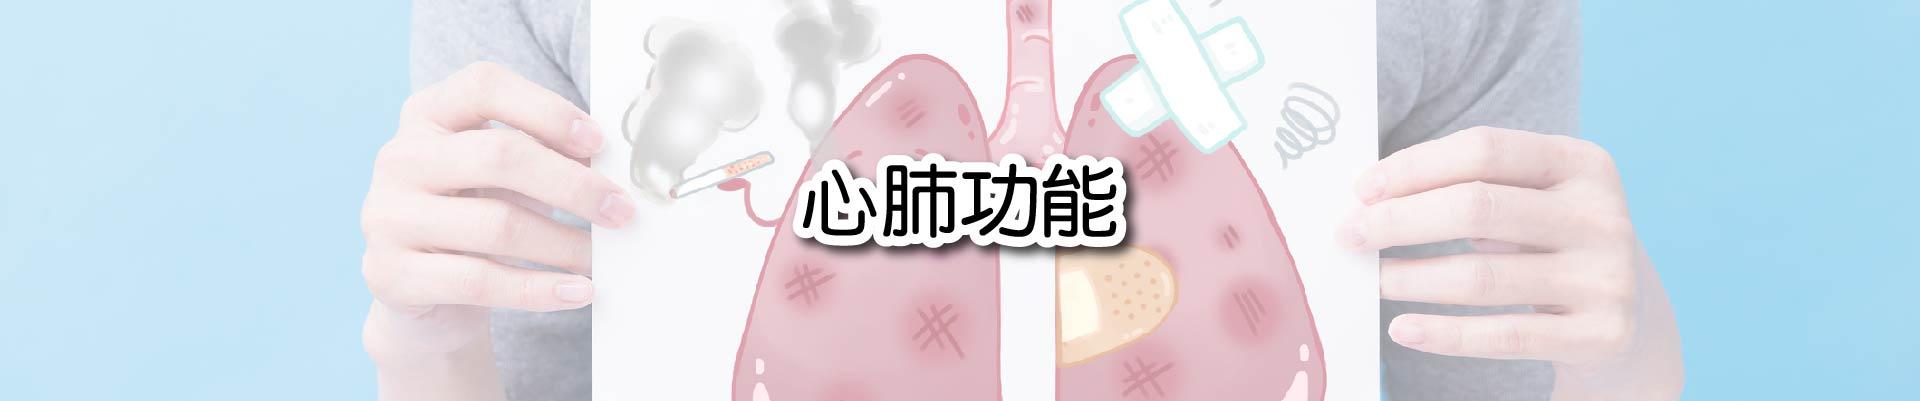 b-heart-1-7.jpg